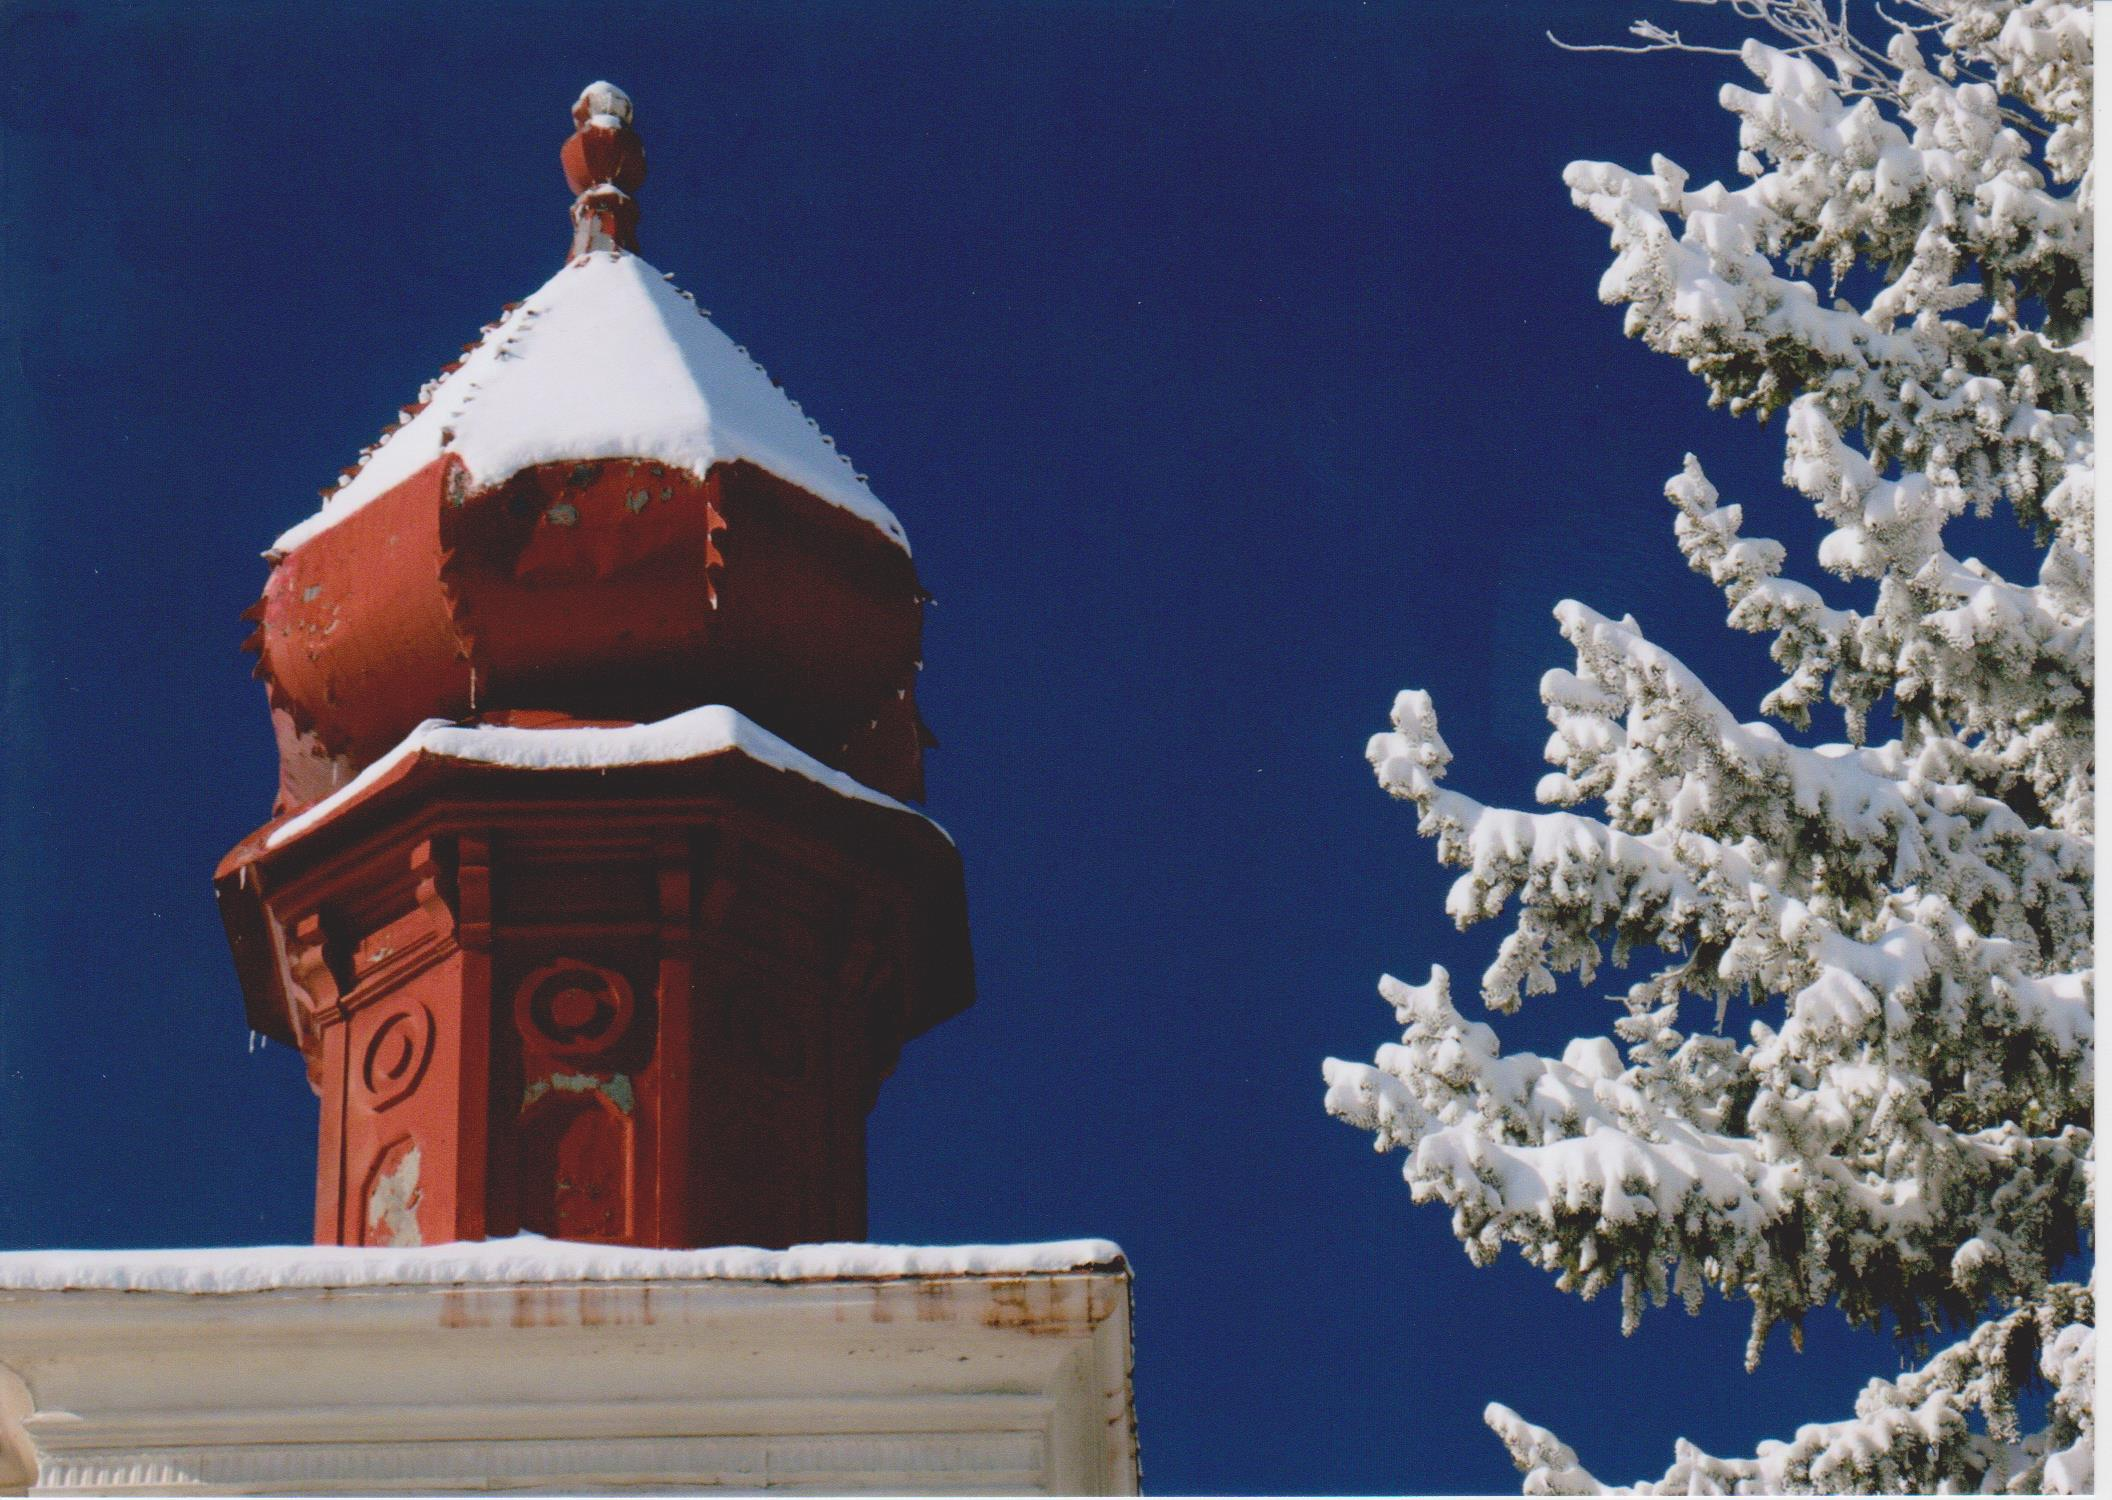 Photo of temple in winter in Trinidad, Colorado